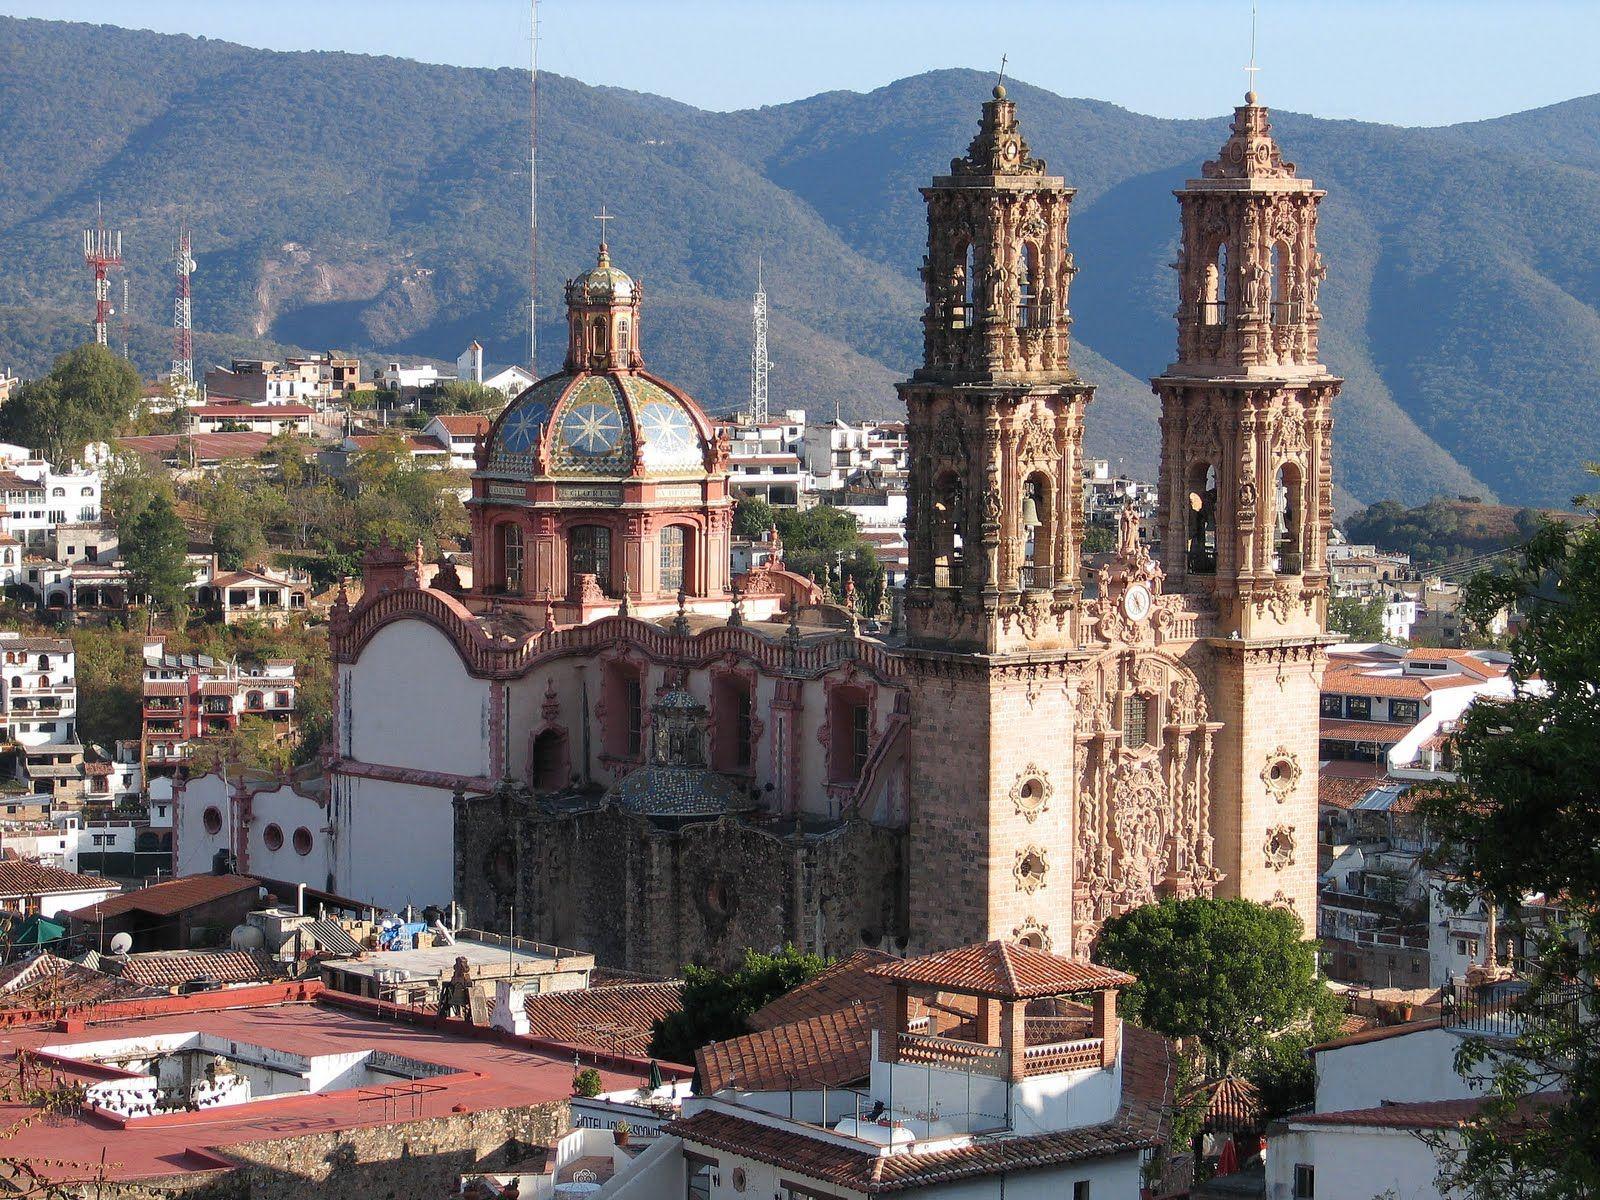 Santa Clara del Cobre Mexico